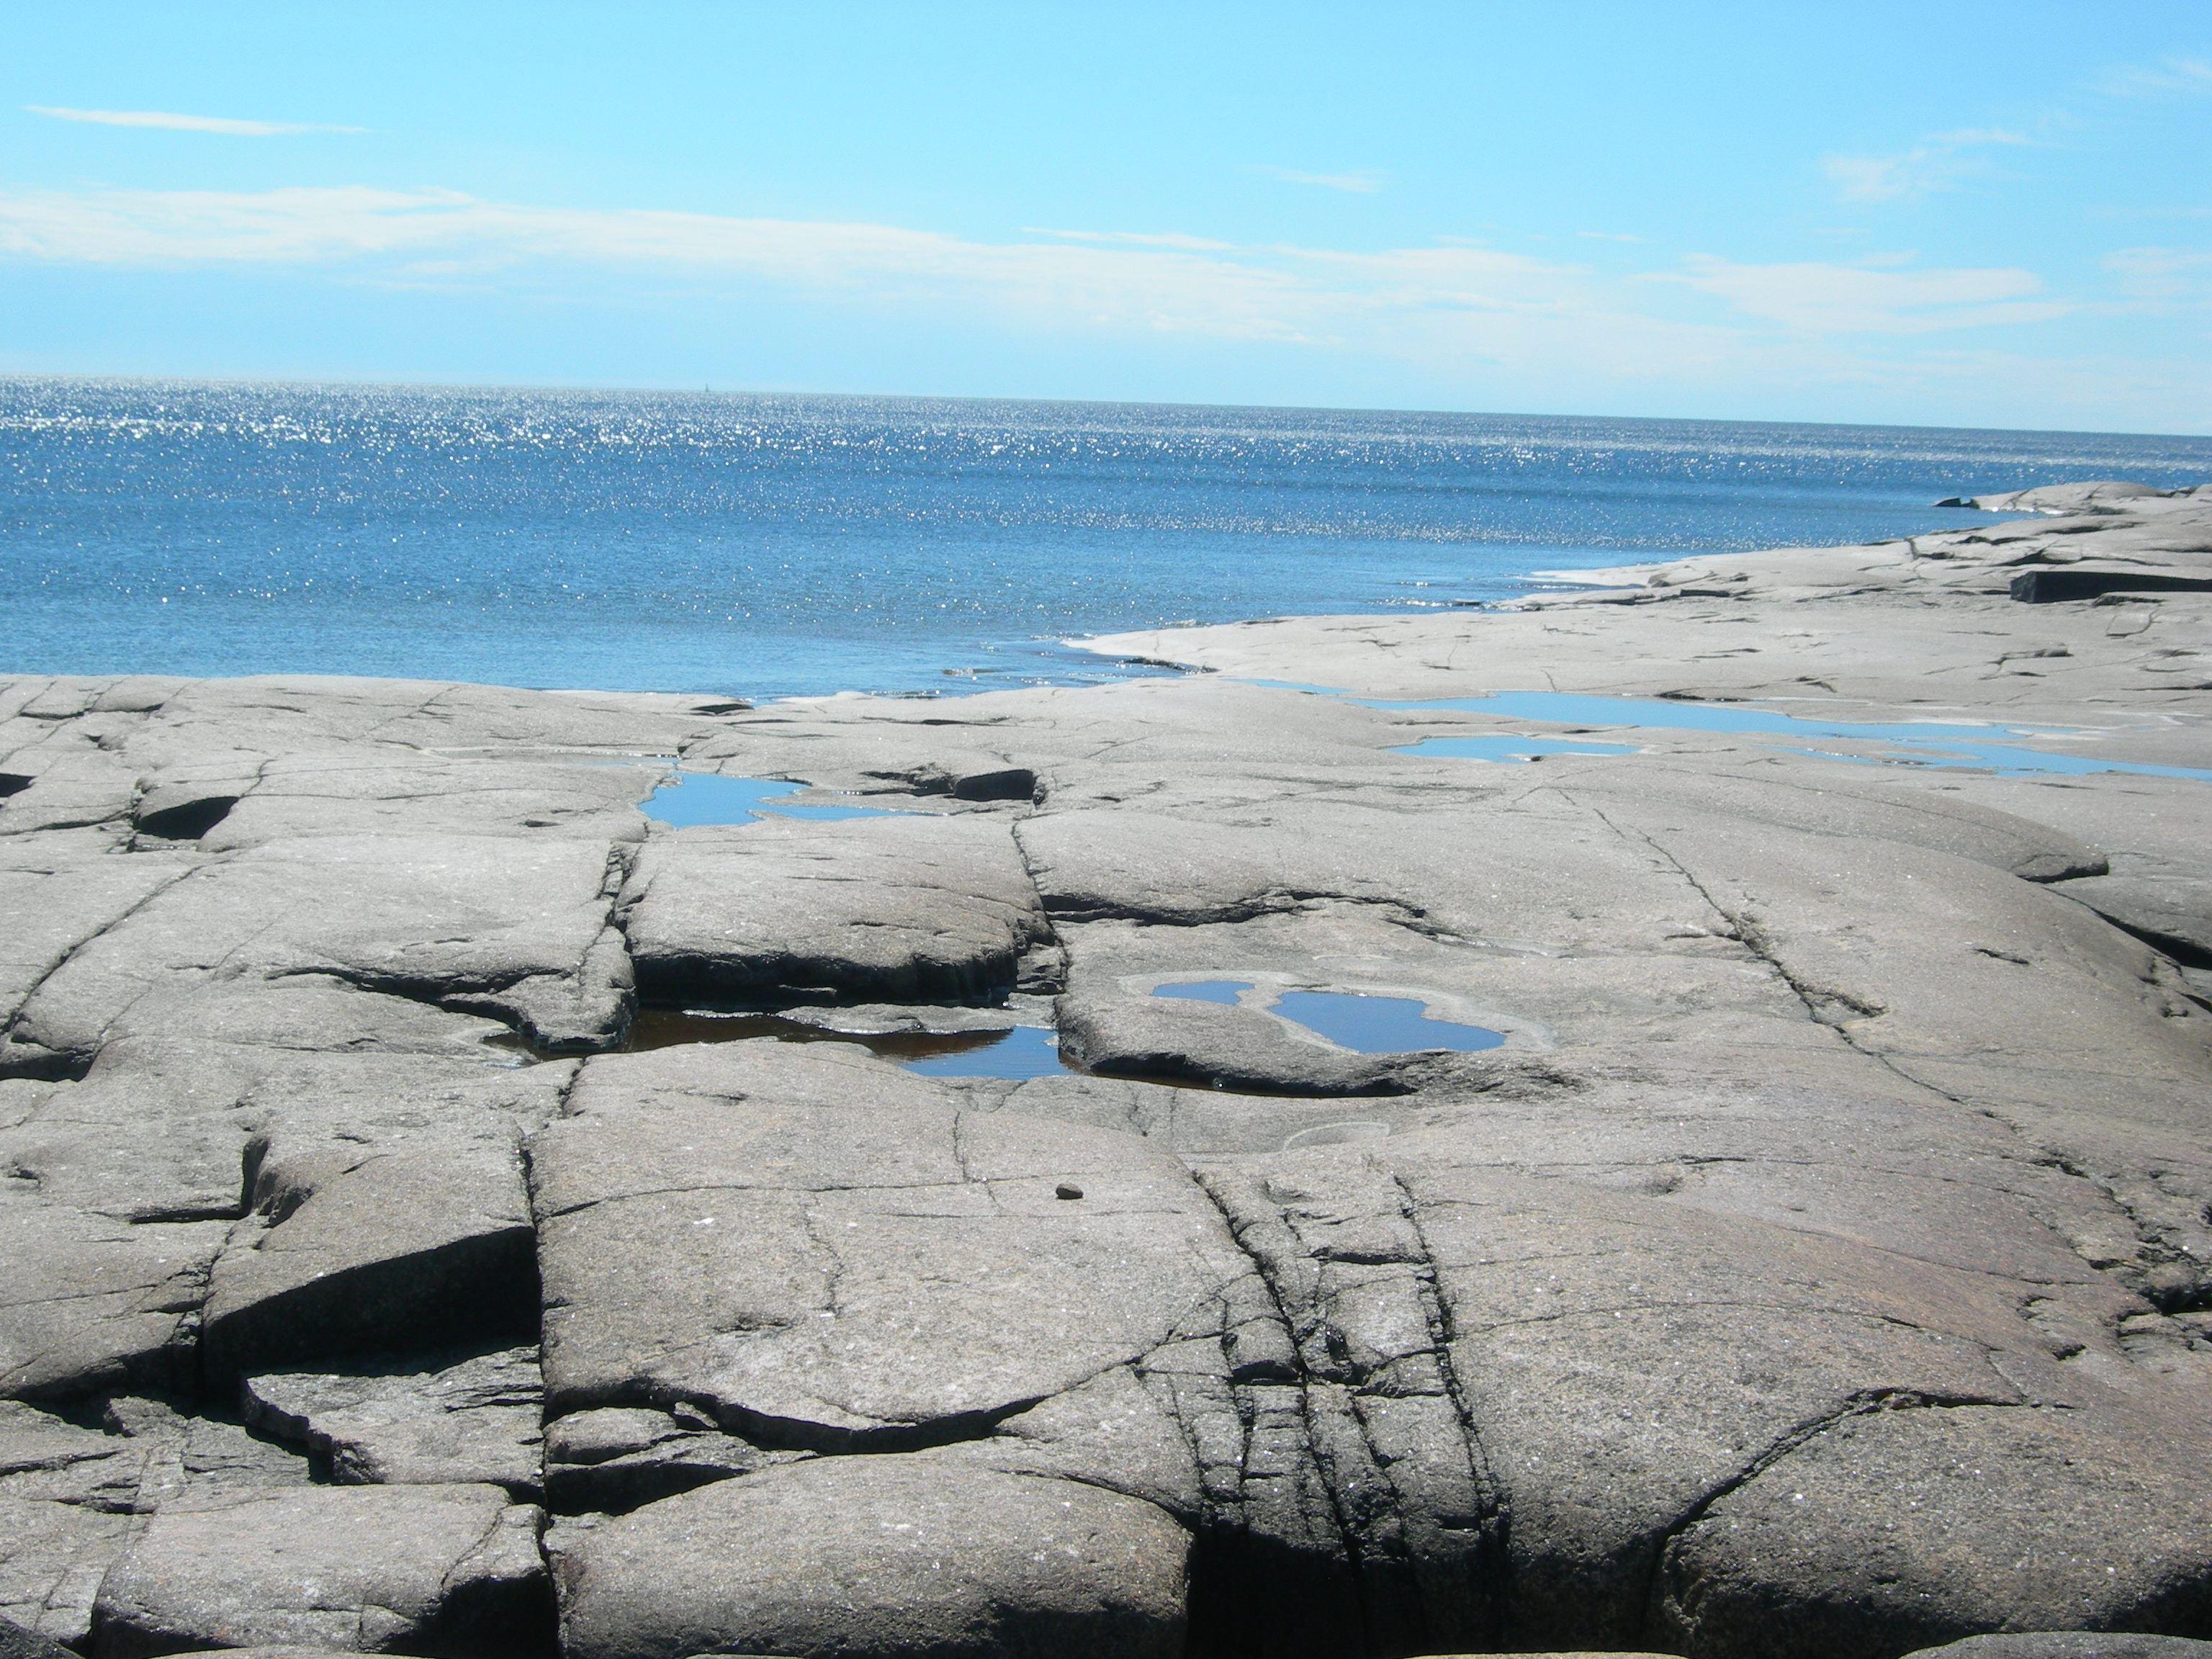 Rotsidan - Det bästa av Höga kusten - Att vandra i ett magiskt landskap